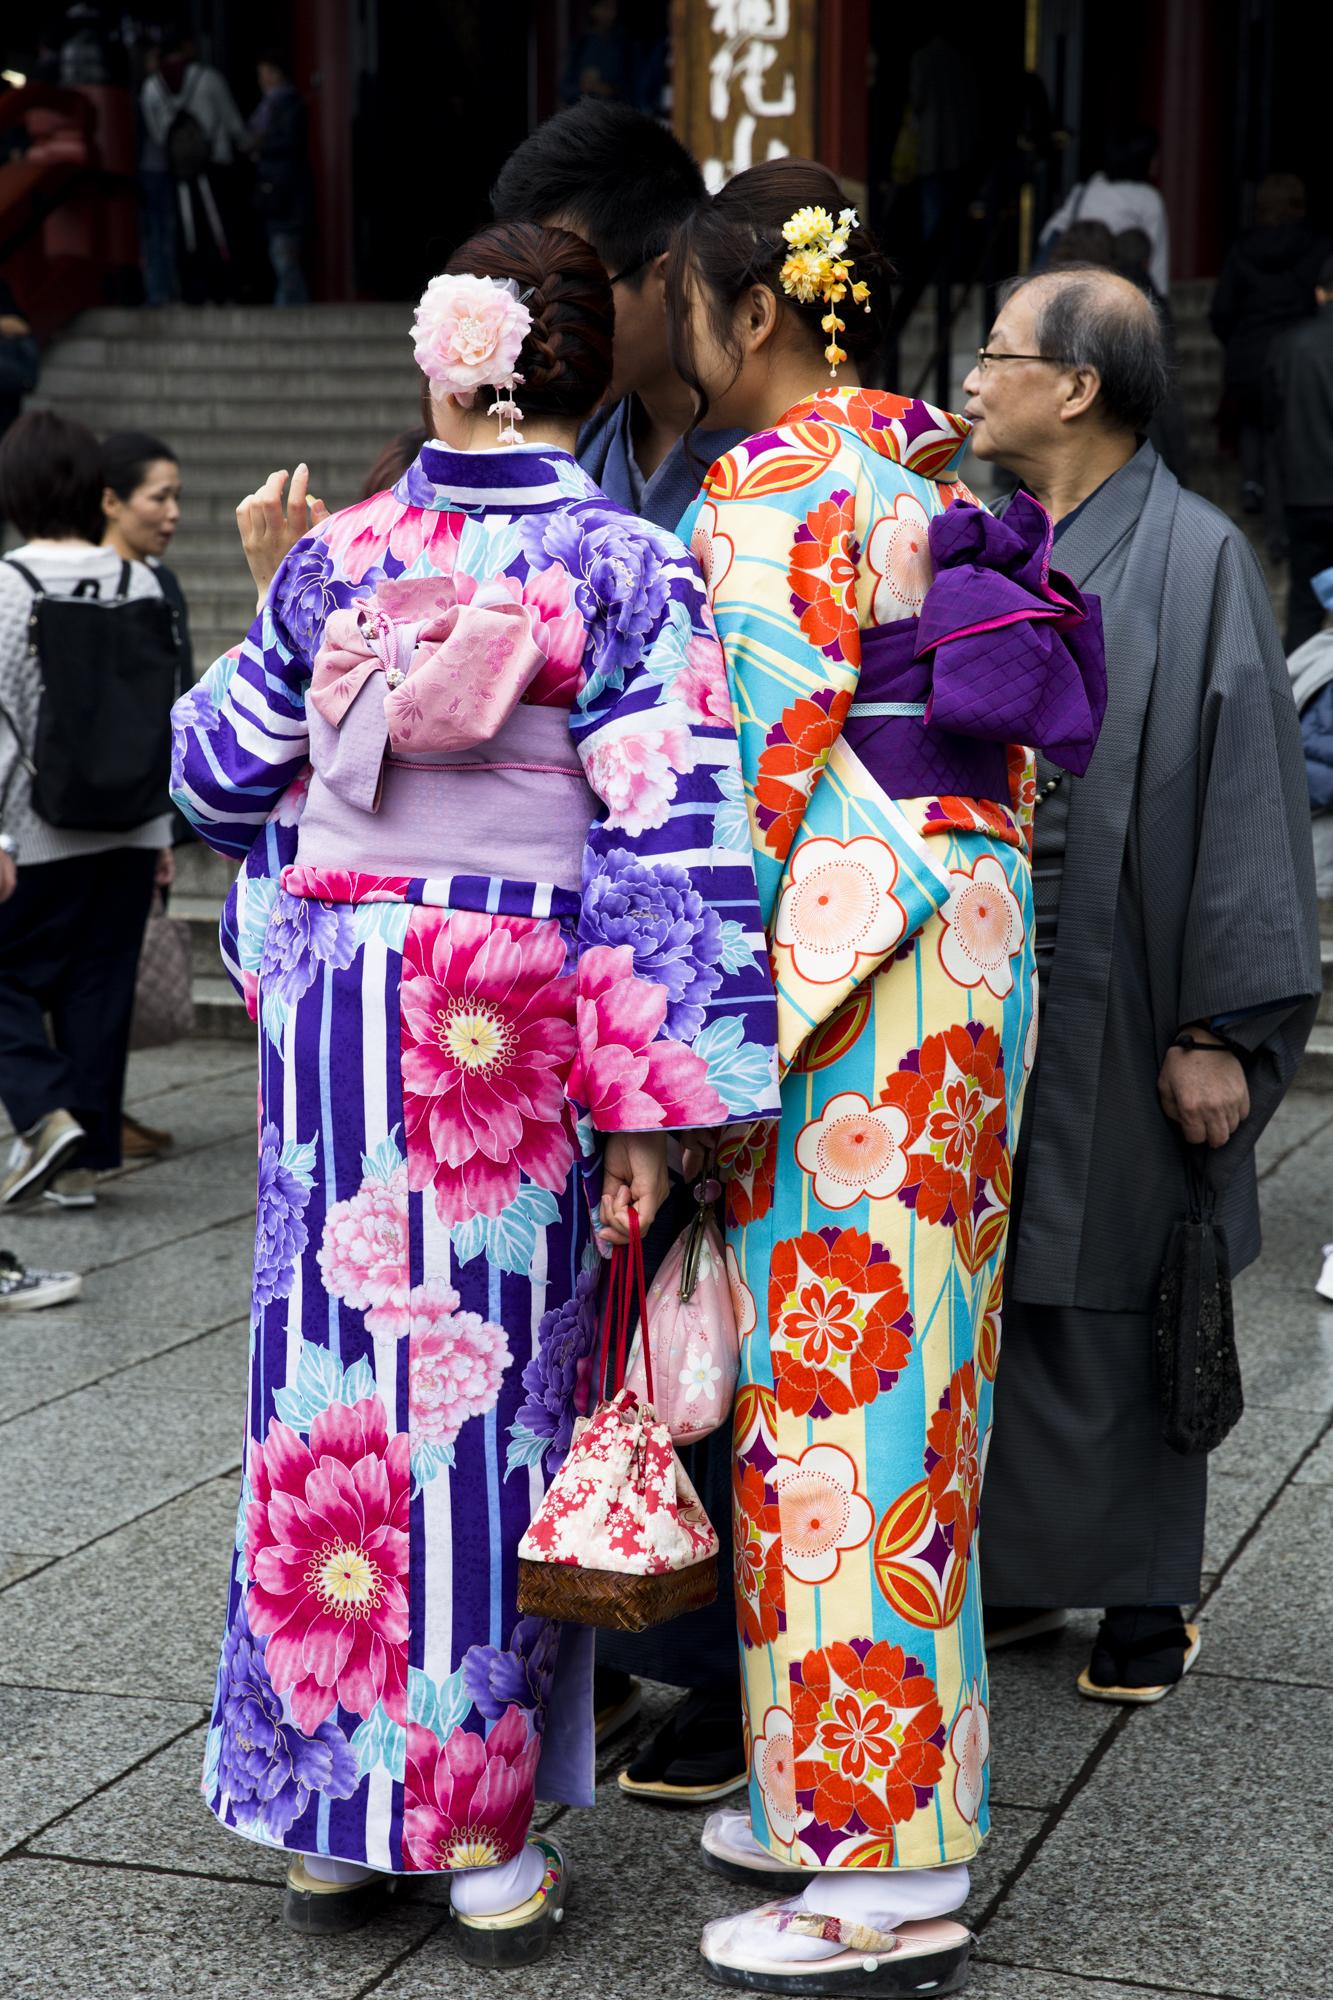 PERRU_P_JAPAN_01_15.jpg